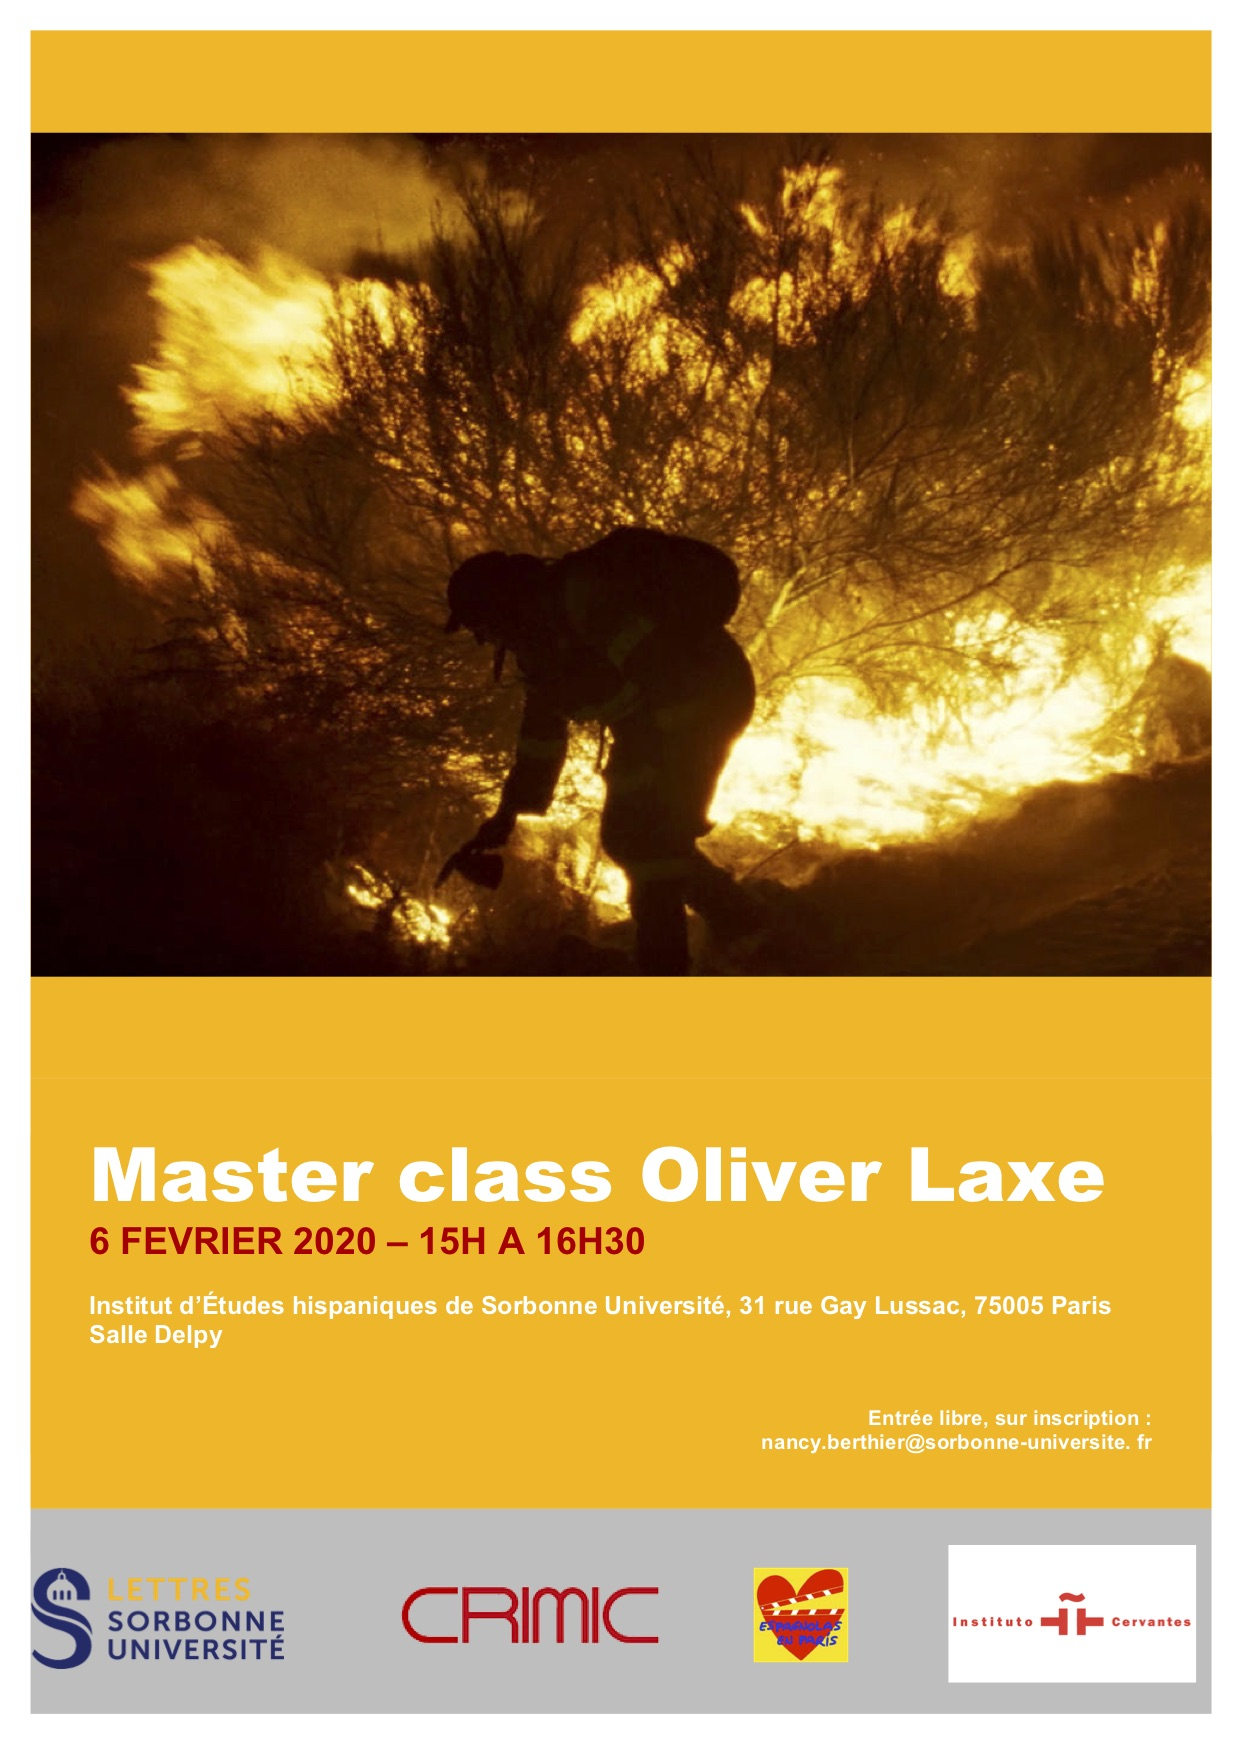 Master class avec le cinéaste Oliver Laxe